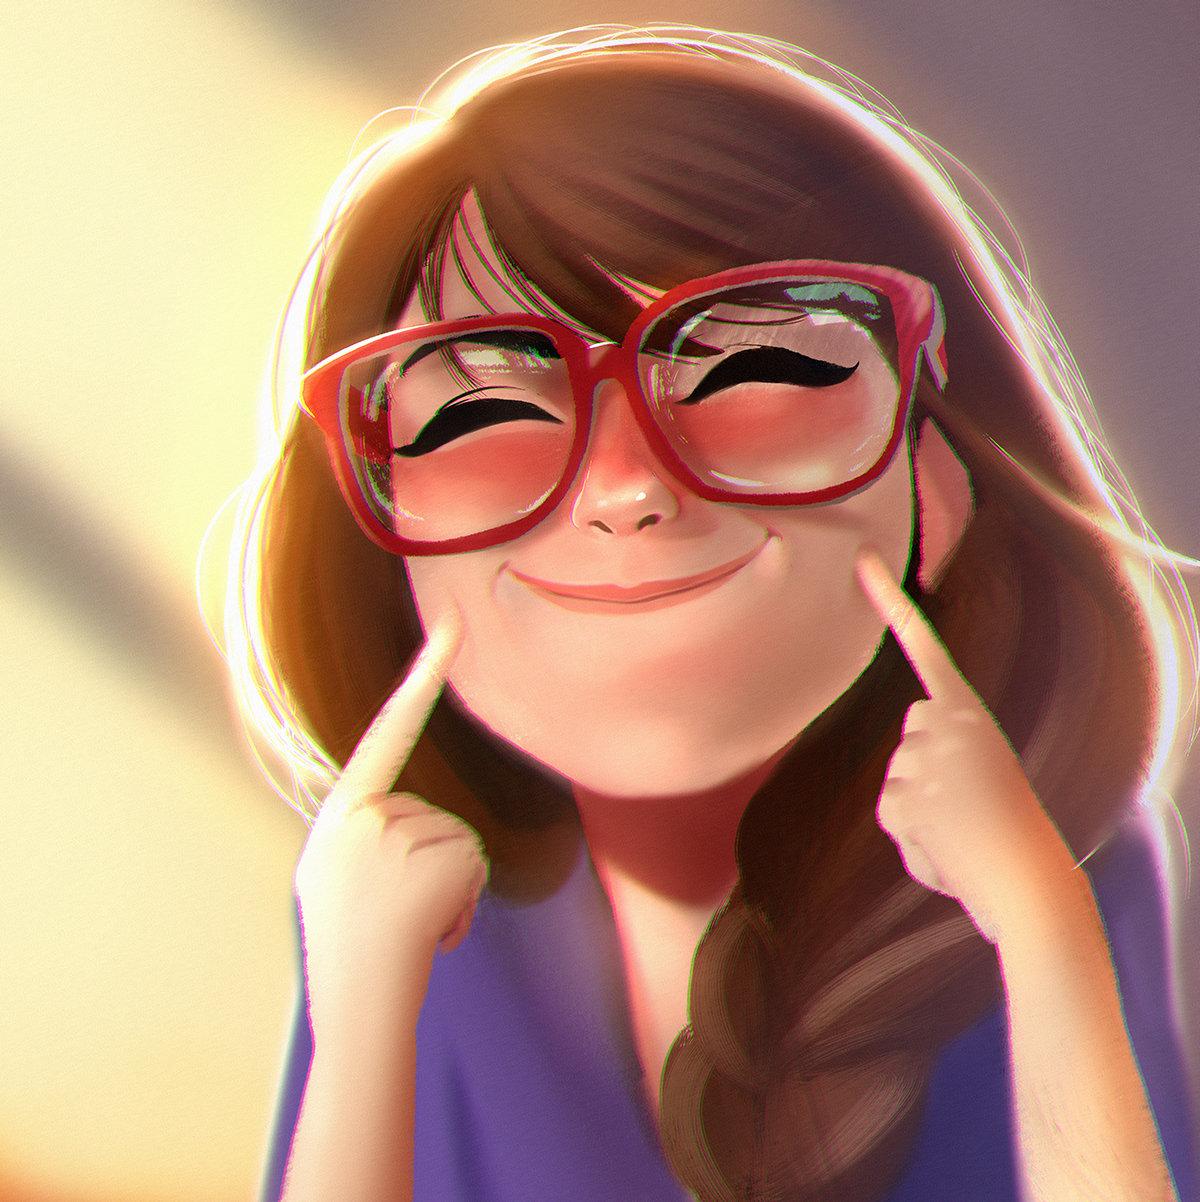 Картинки на аватарку смешные девчонки, открытку поздравлением мая